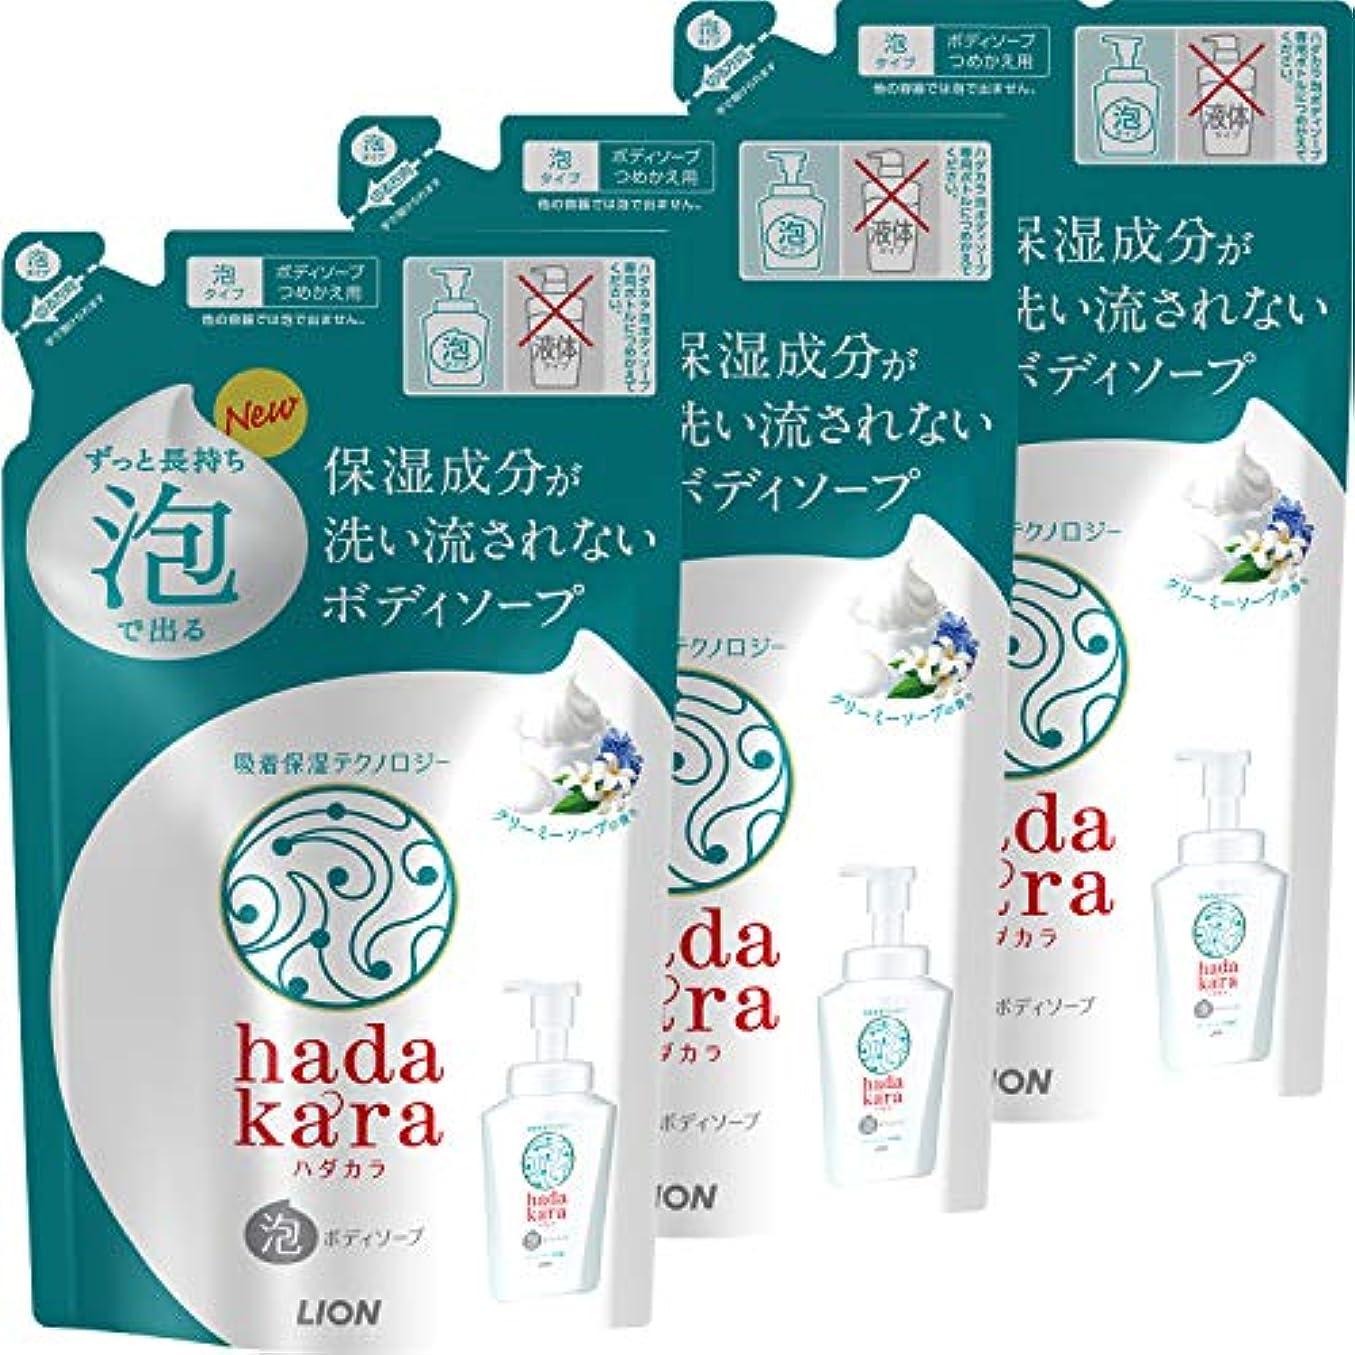 アルバニーへこみ守銭奴hadakara(ハダカラ) ボディソープ 泡タイプ クリーミーソープの香り 詰替440ml×3個